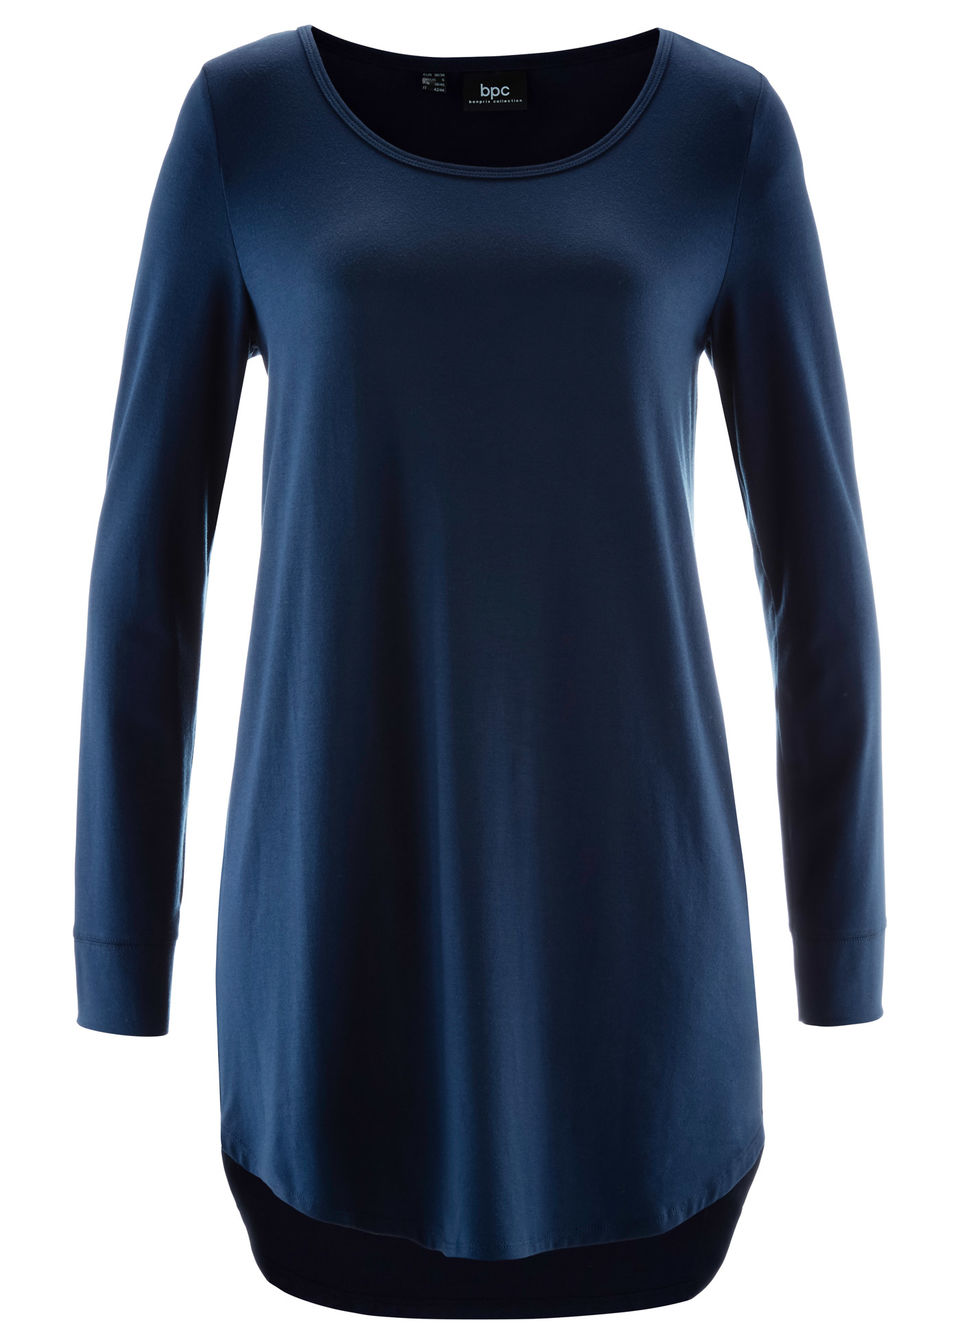 Купить Удлиненная футболка с длинным рукавом, bonprix, темно-синий